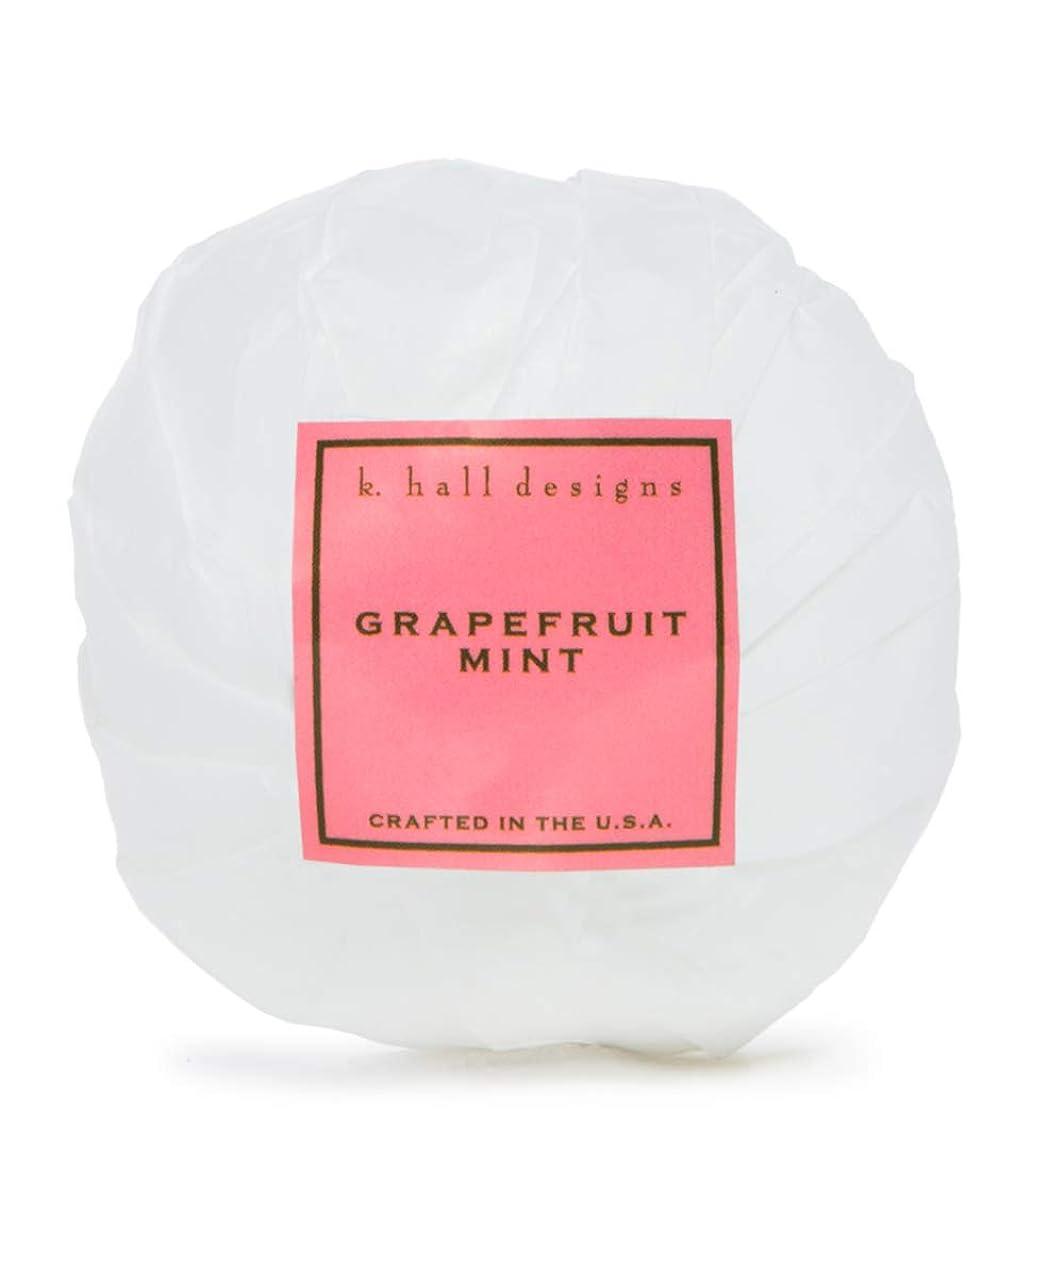 紳士ビーズカウントk.hall designs/バスボム(入浴剤) グレープフルーツミント